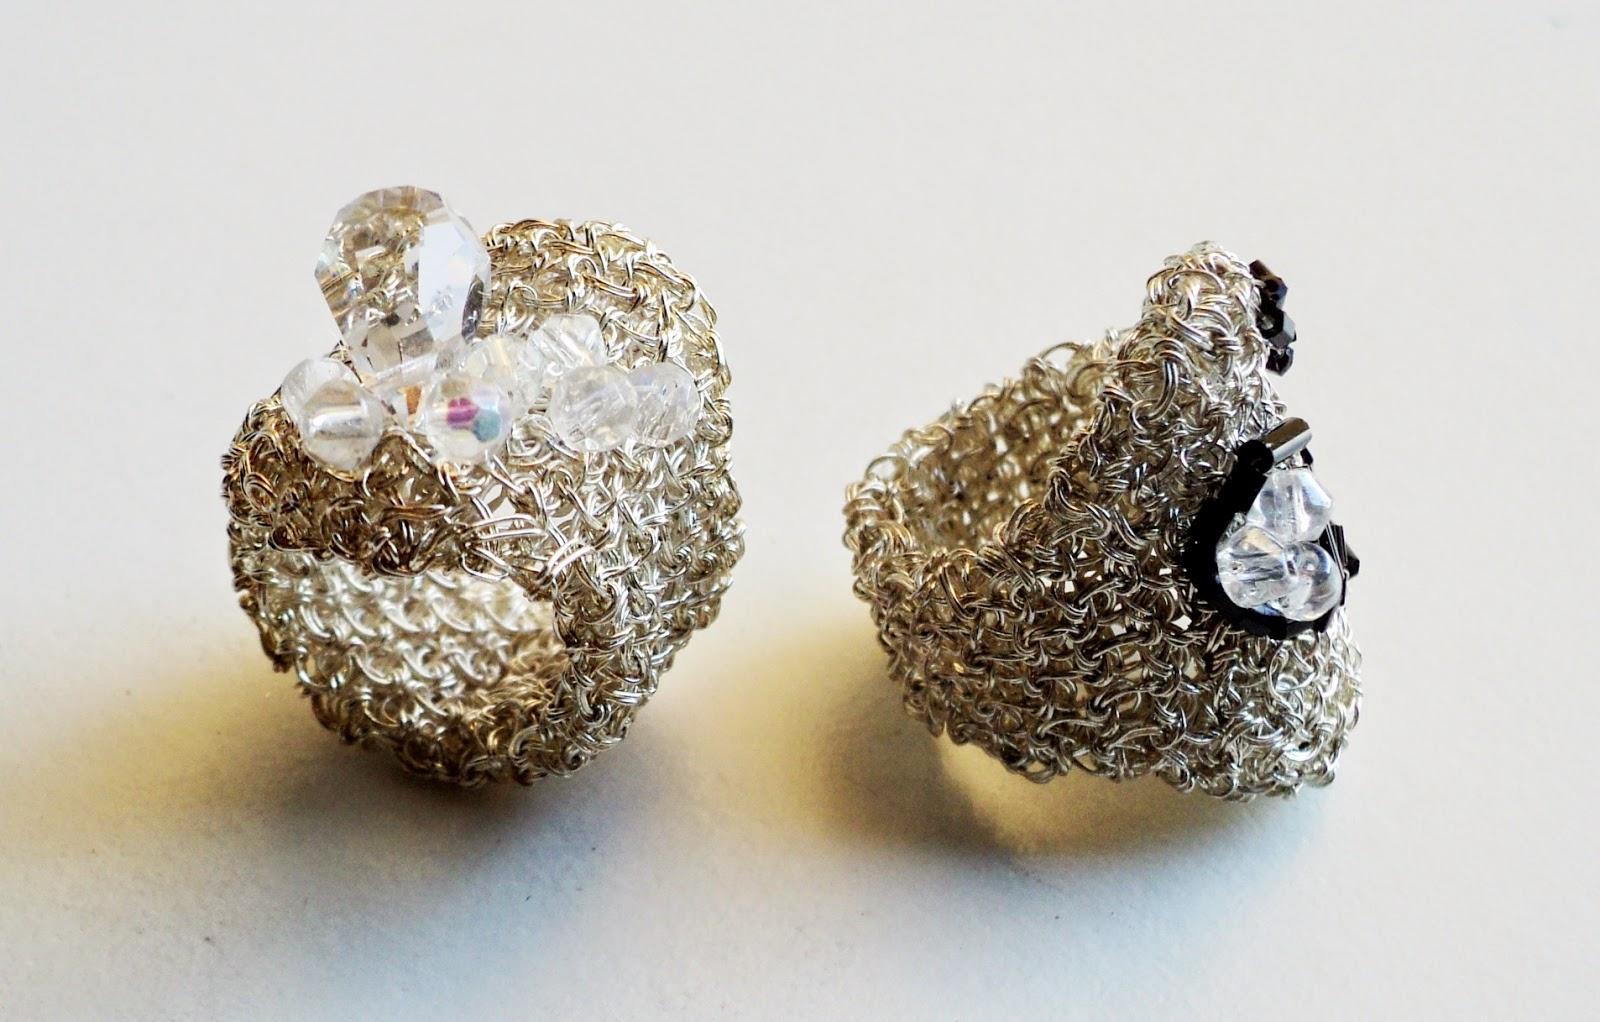 Imágenes de Anillos de Plata YouTube - imagenes anillos de plata